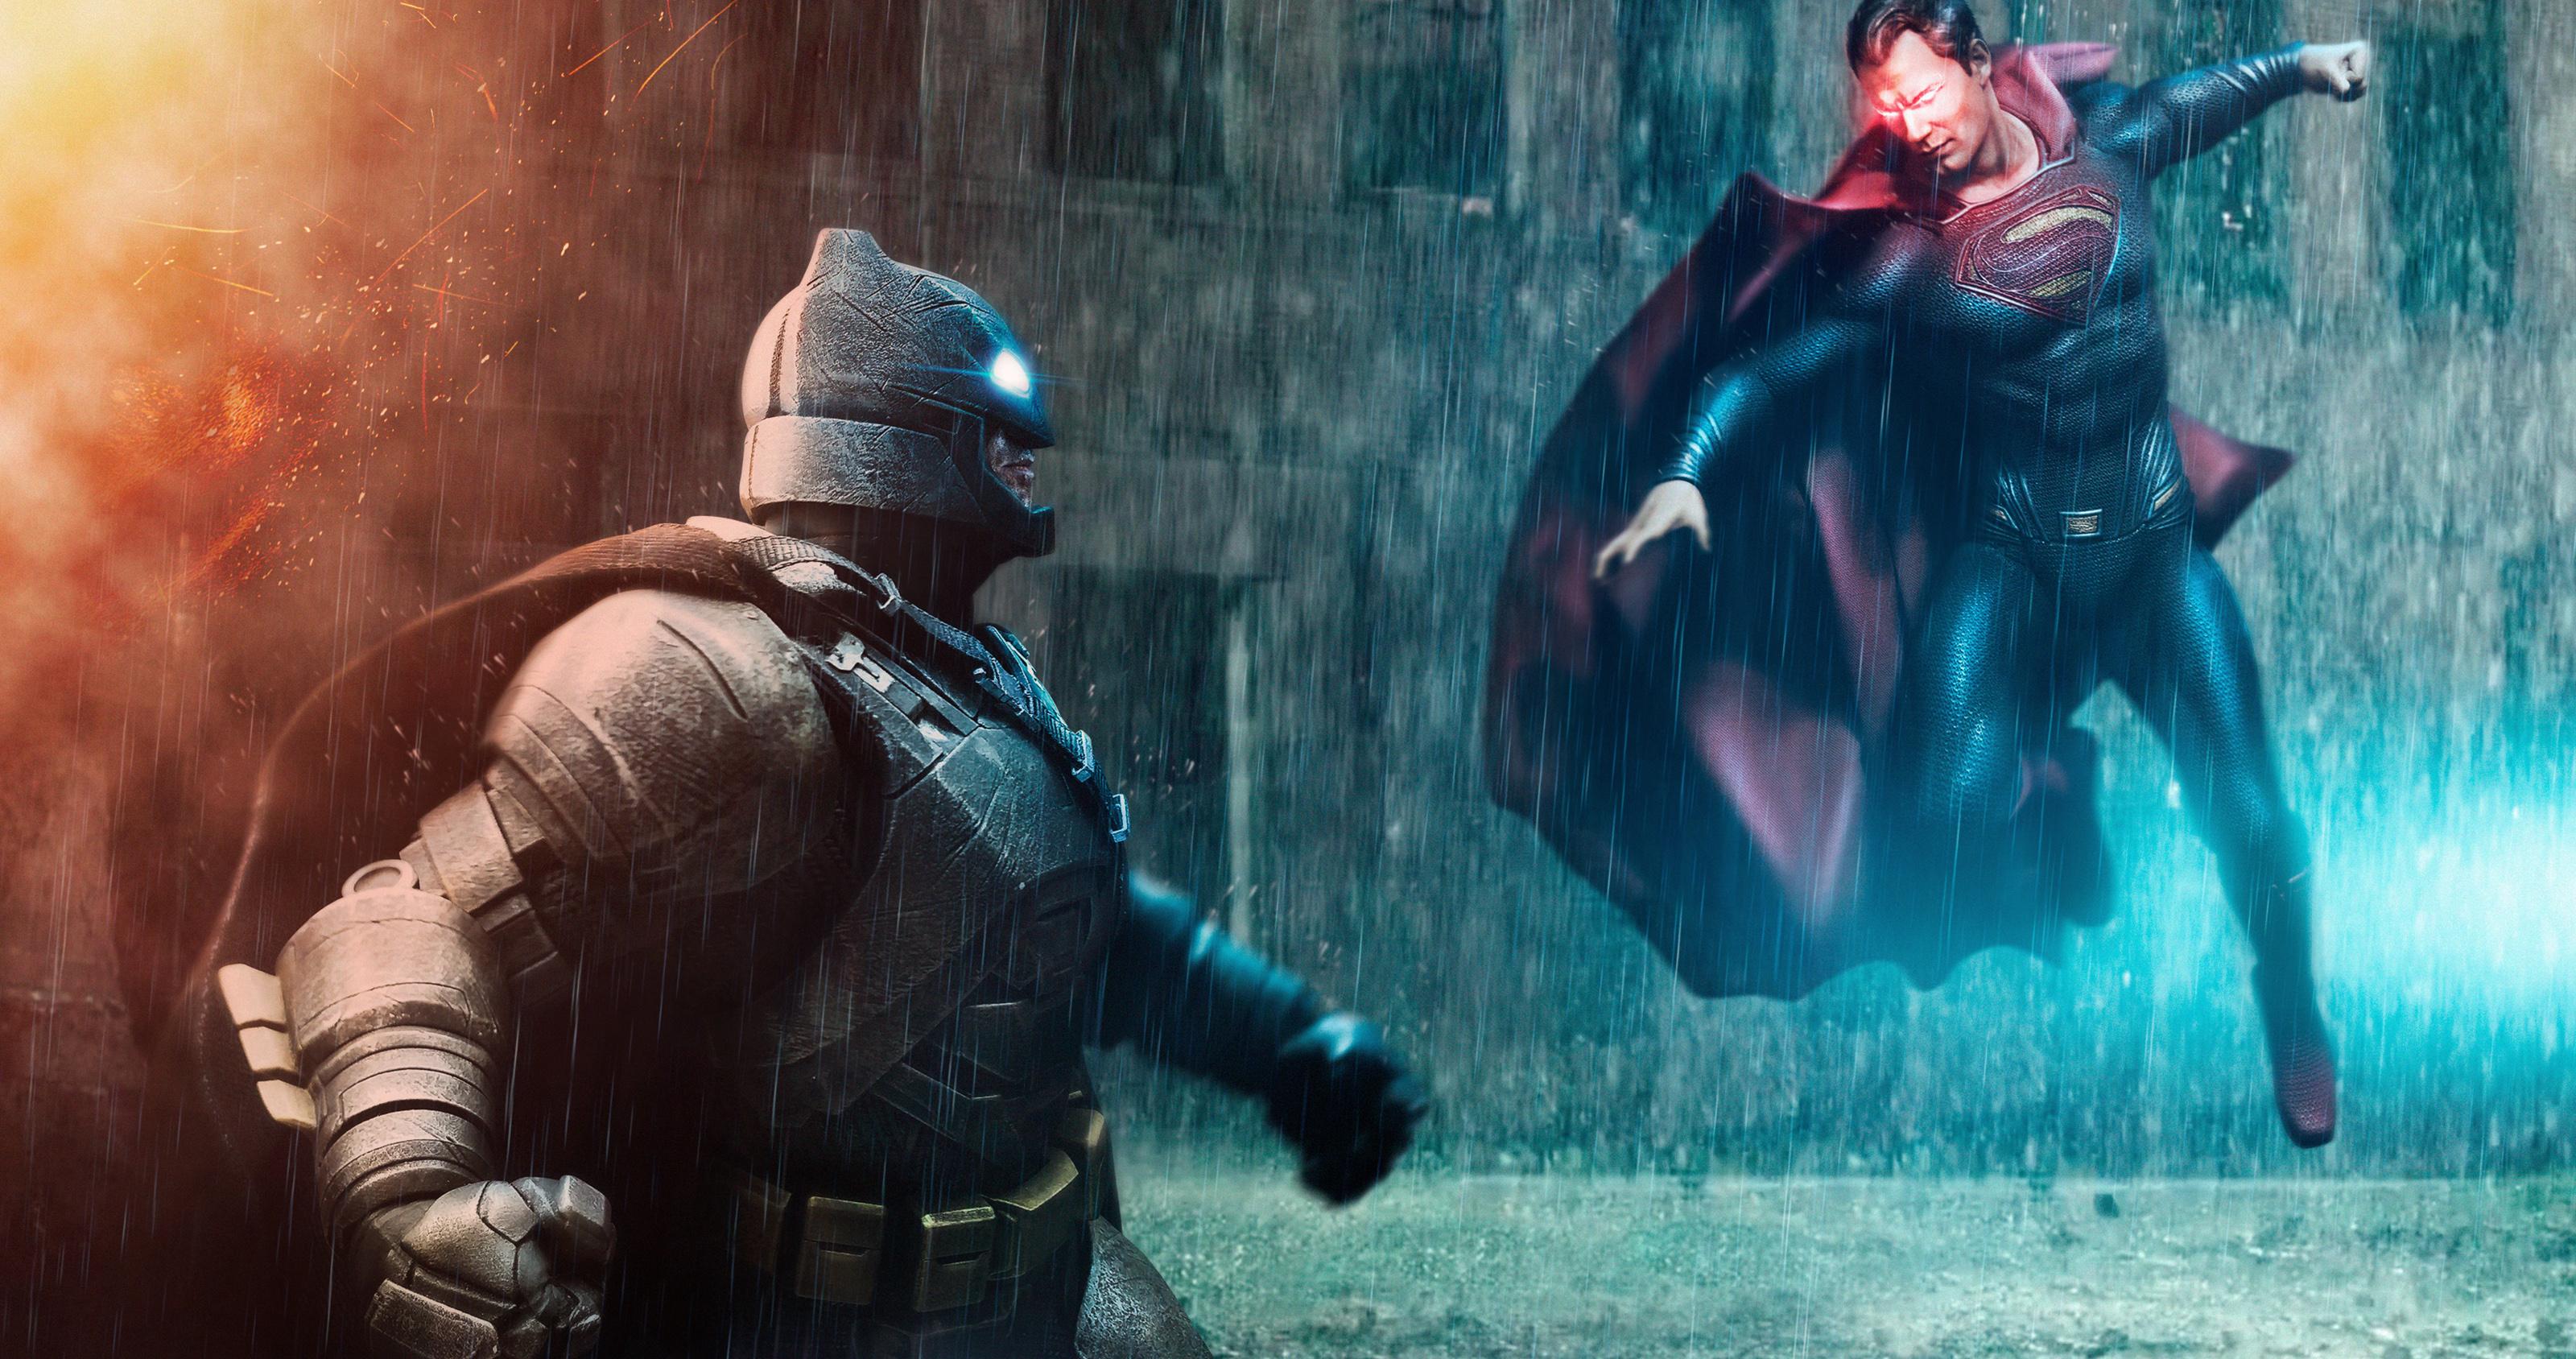 Batman V Superman Wallpapers Batman Vs Superman Wallpaper